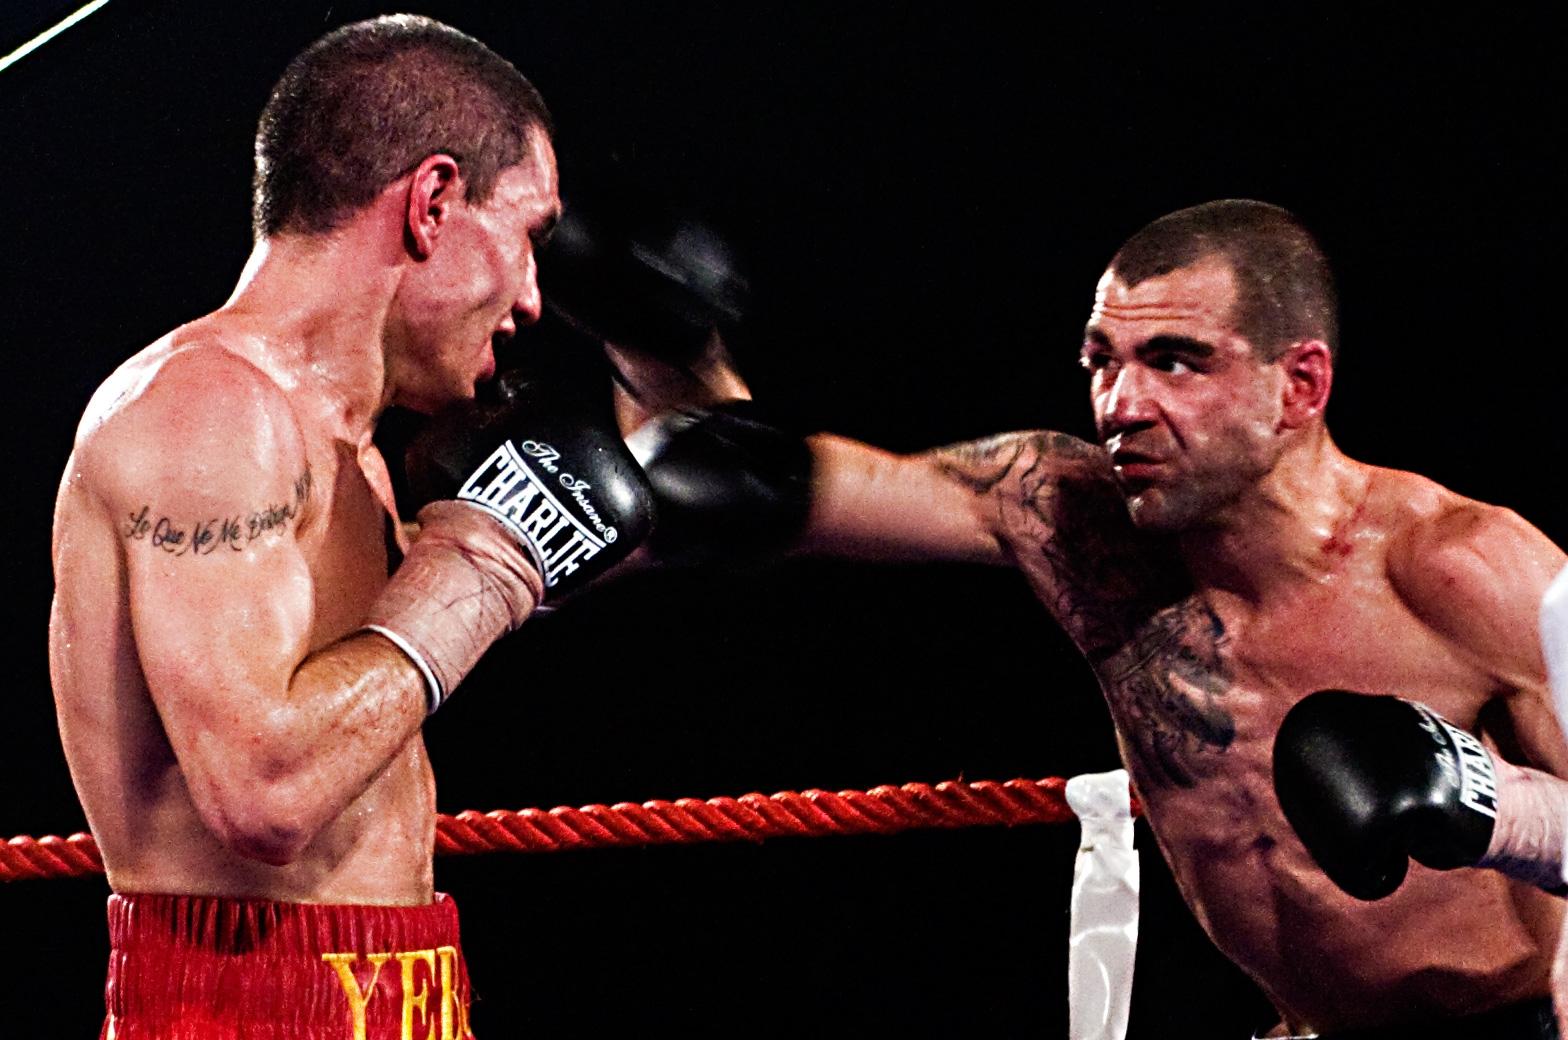 El boxeador profesional Israel carrillo lanza una derecha a José Yebes